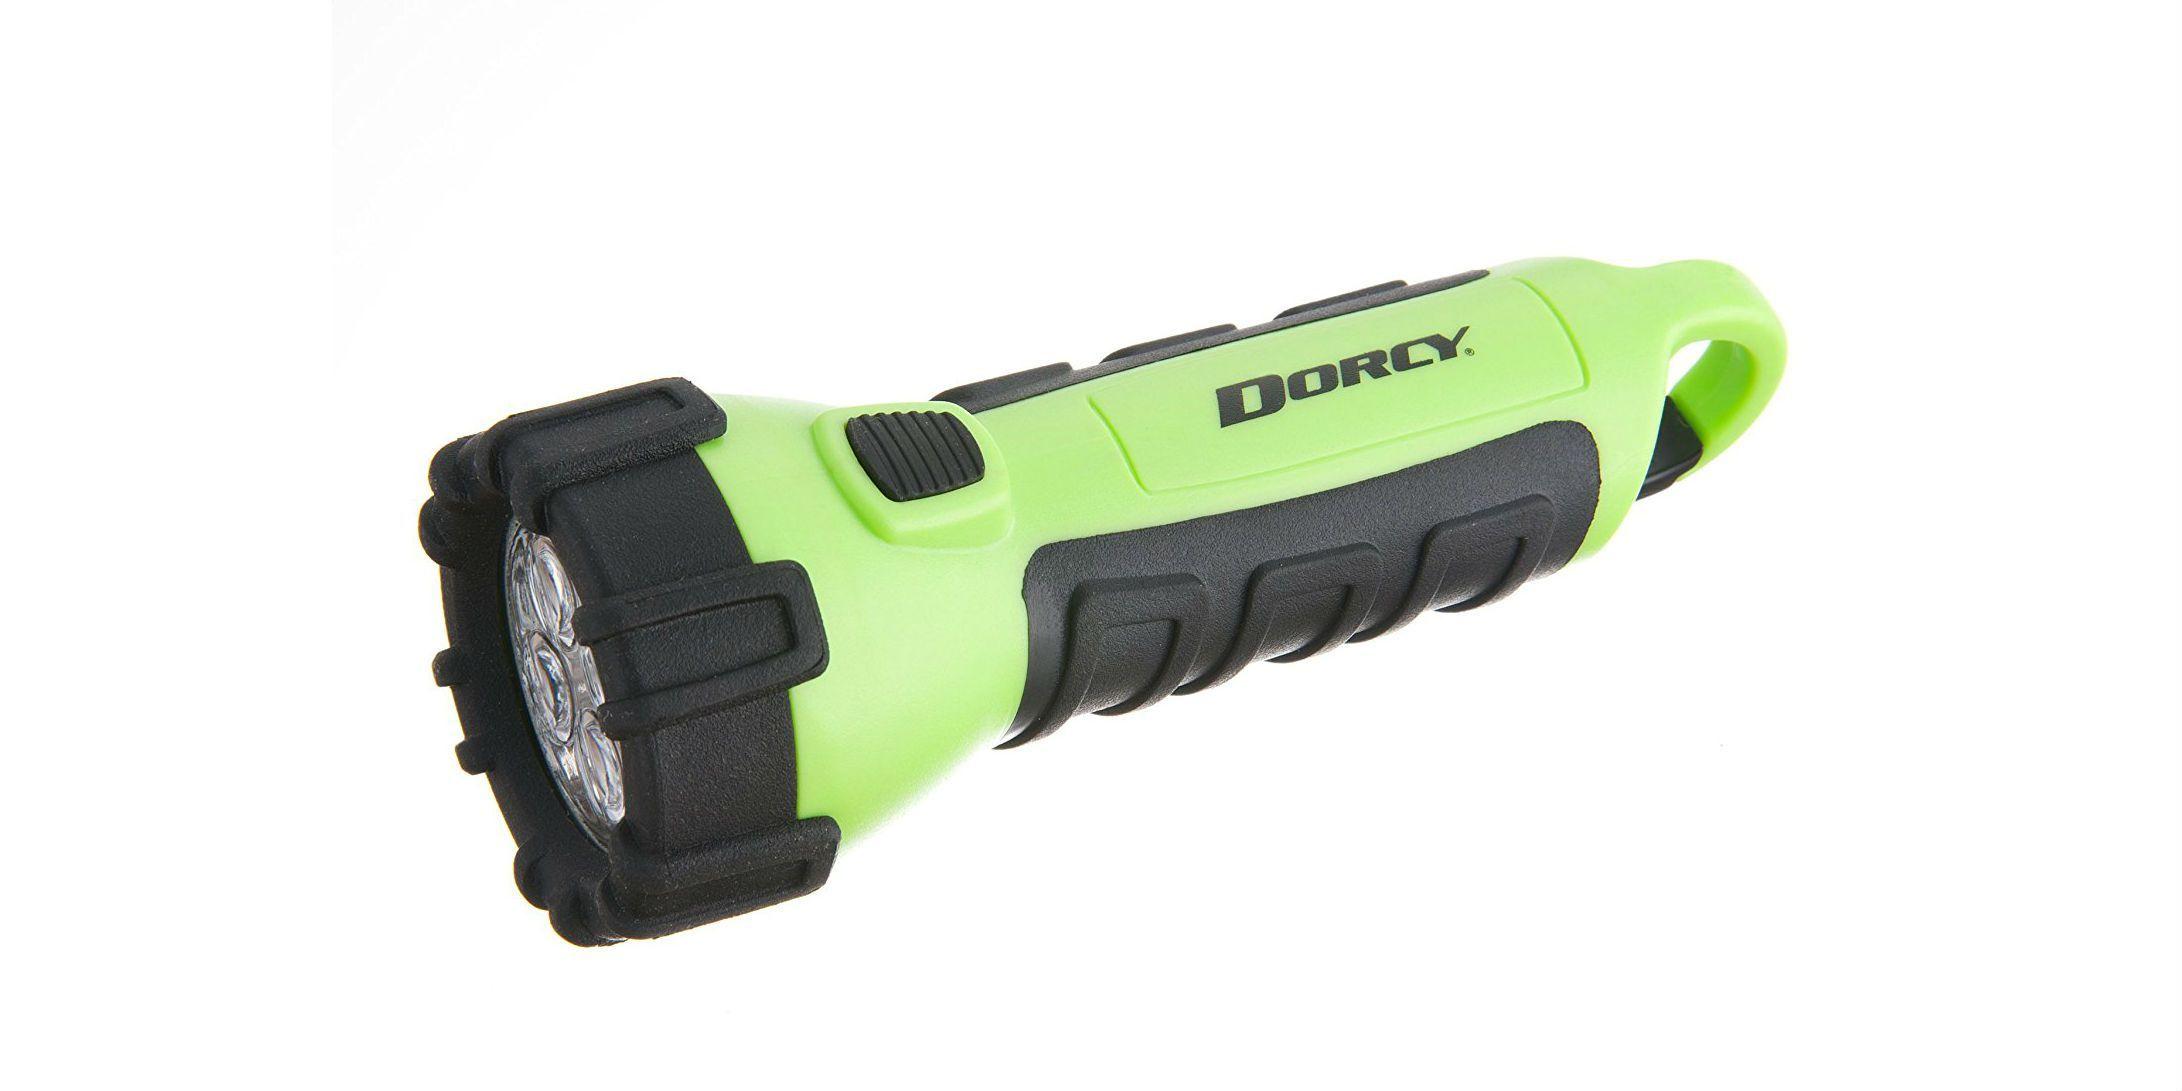 Dorcy Floating LED Flashlight